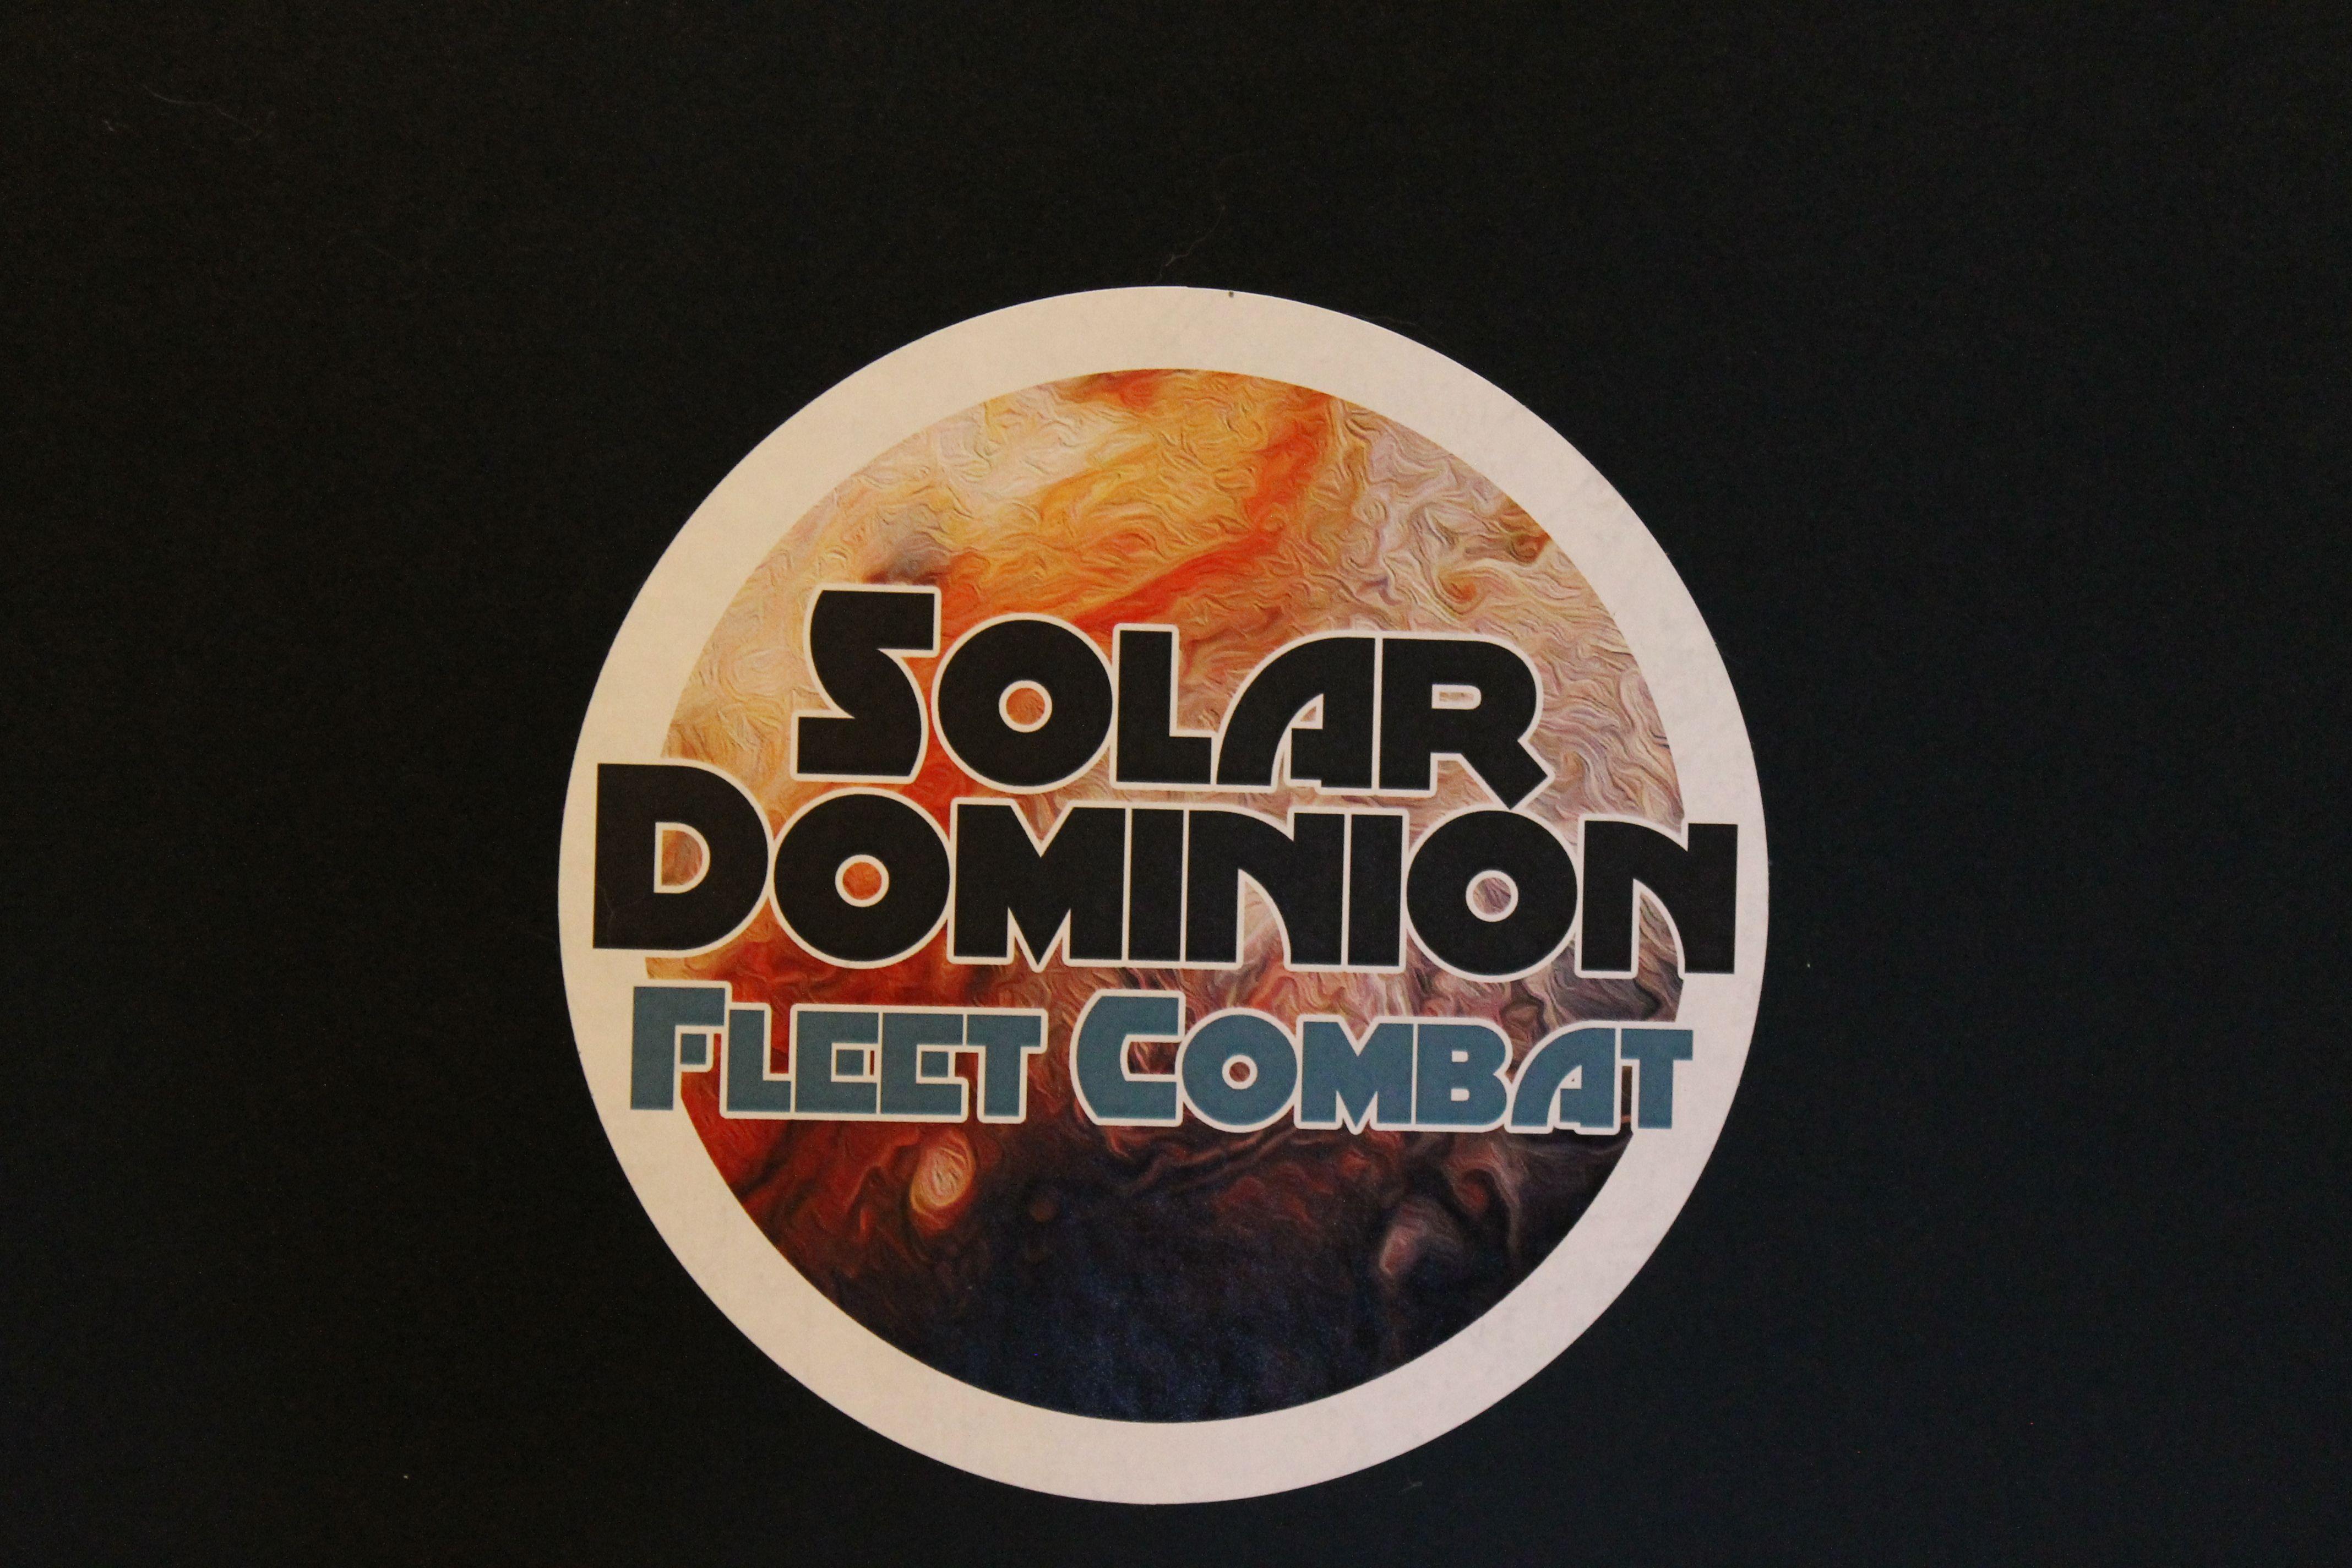 Solar Dominion Fleet Combat